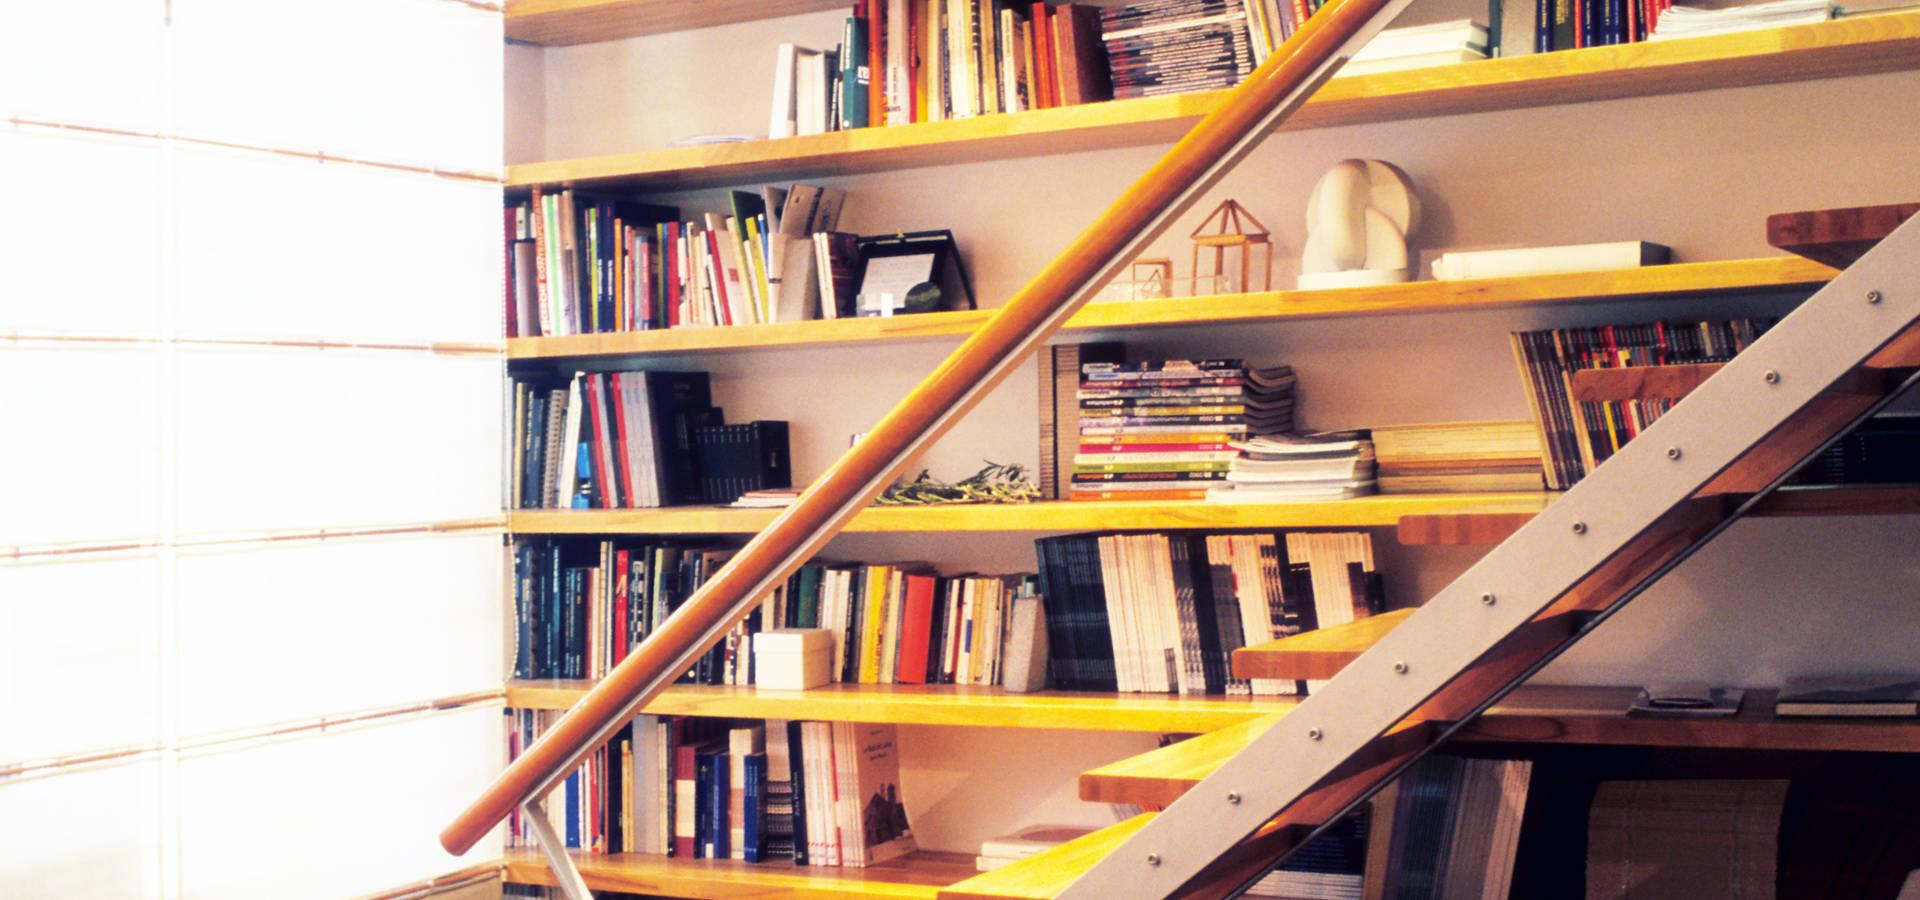 Zanirato Studio